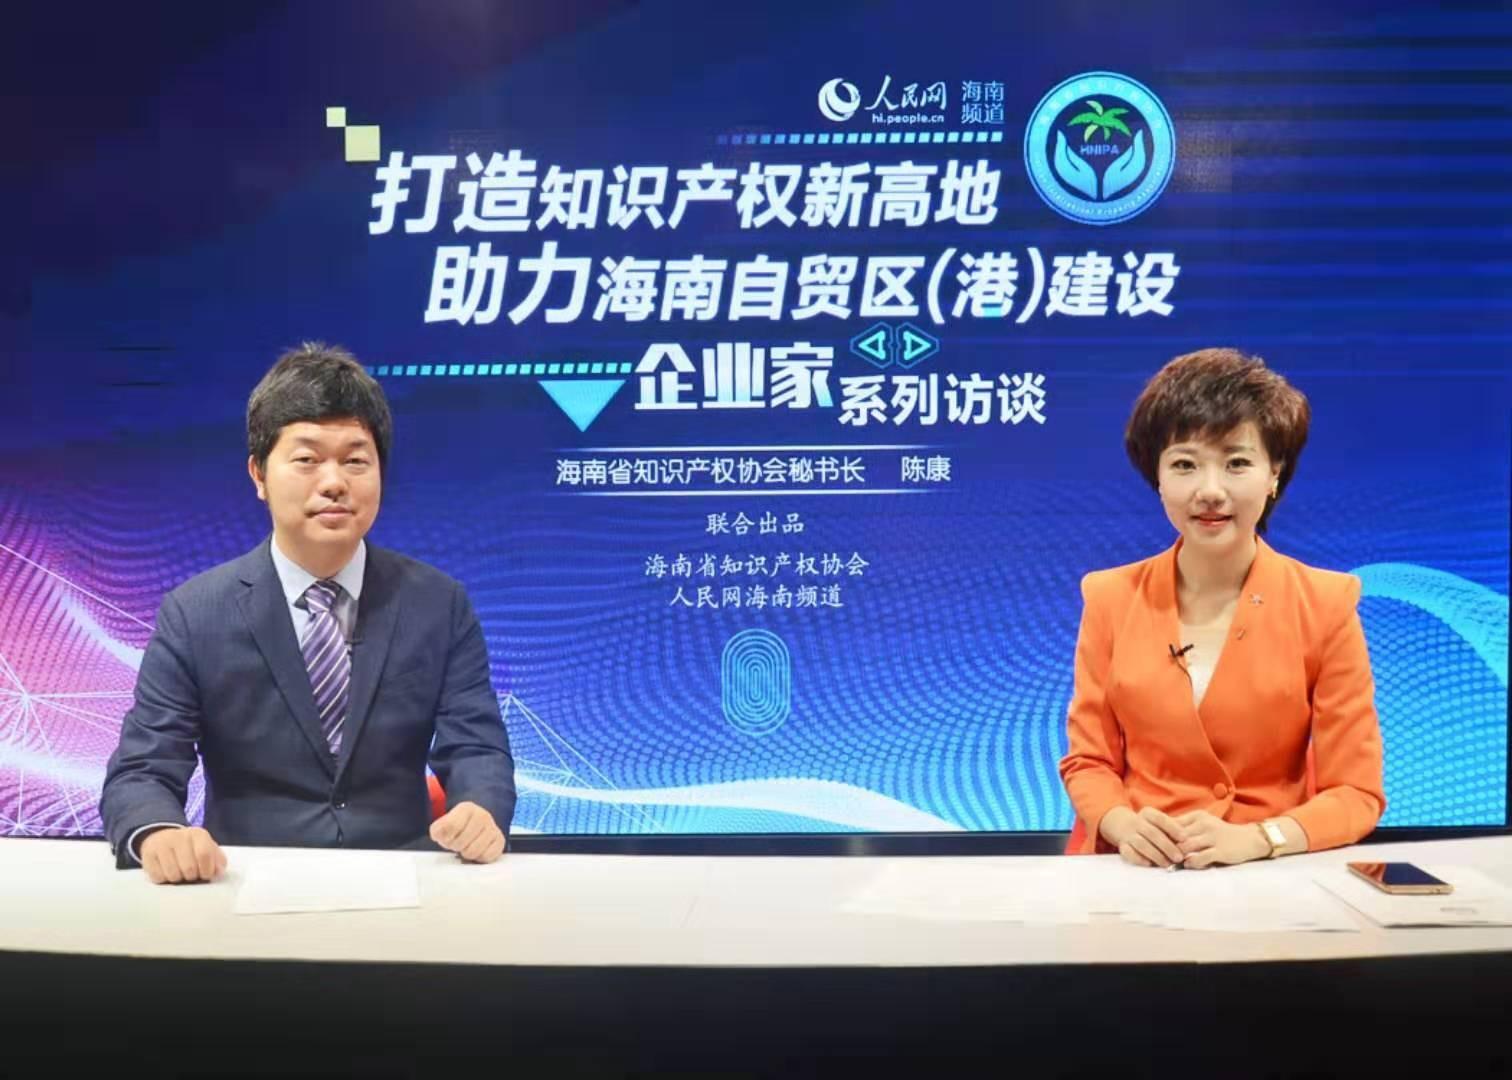 海南省知识产权协会秘书长陈康做客人民网海南频道